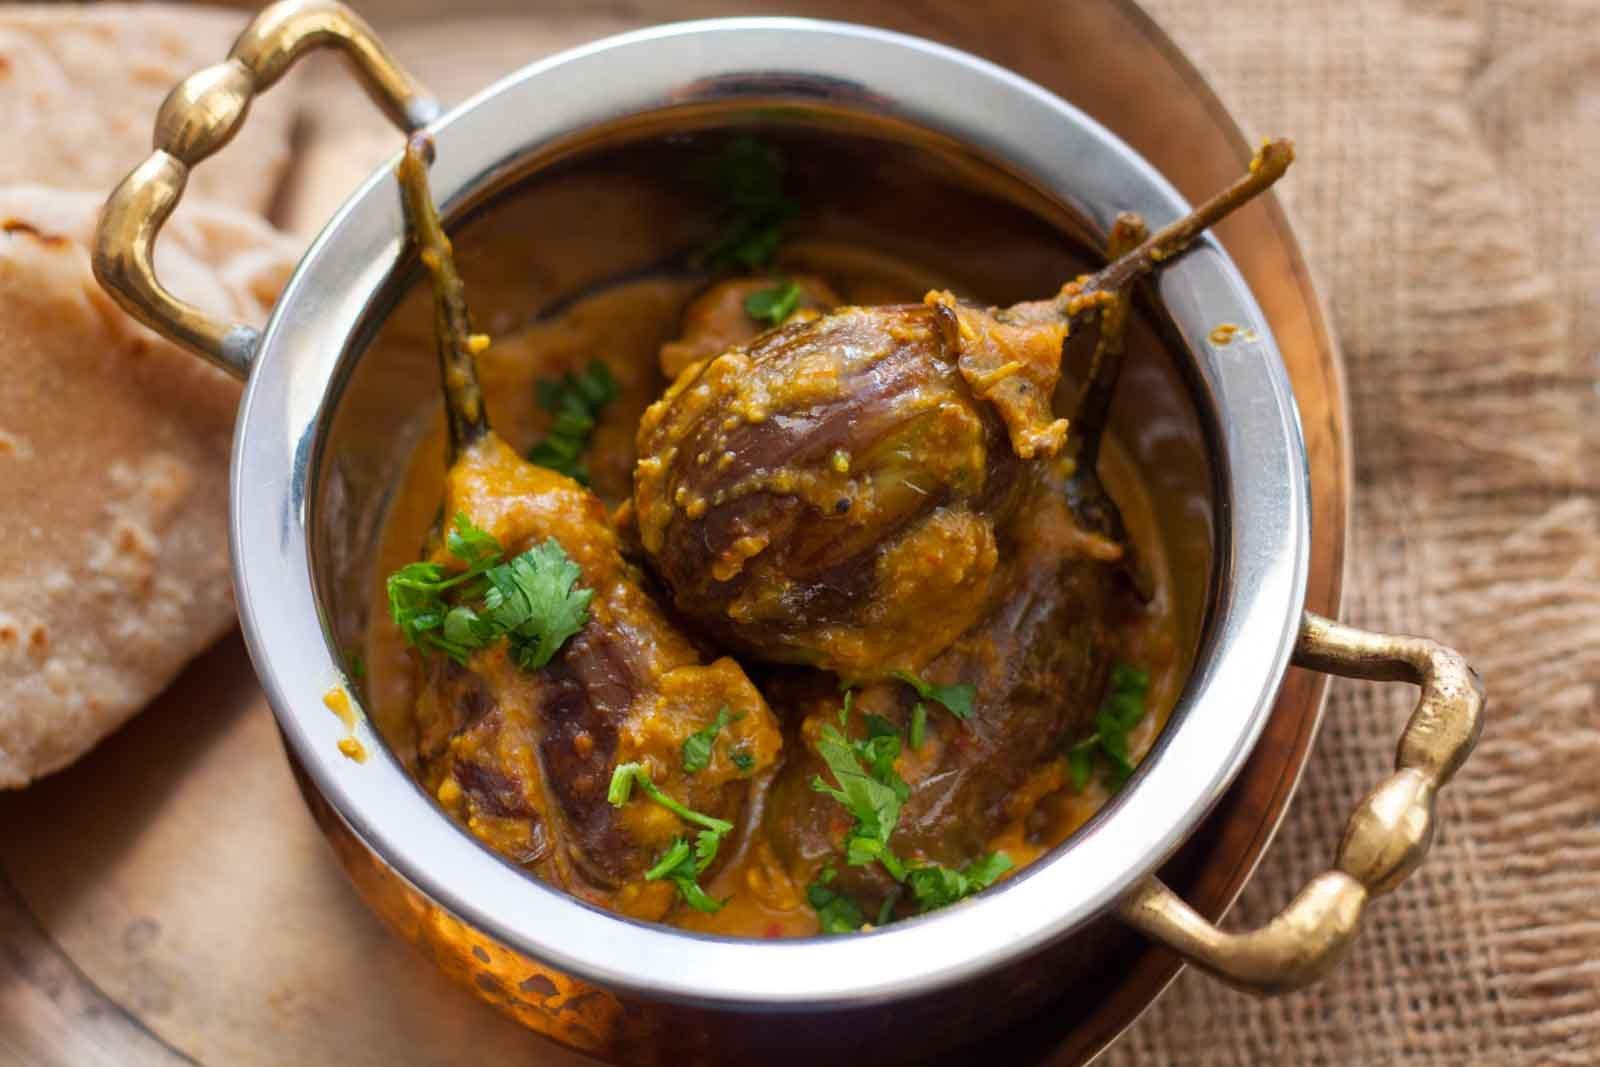 Karnataka style badanekai yennegai gojju recipe stuffed brinjal karnataka style badanekai yennegai gojju recipe stuffed brinjal recipe forumfinder Choice Image